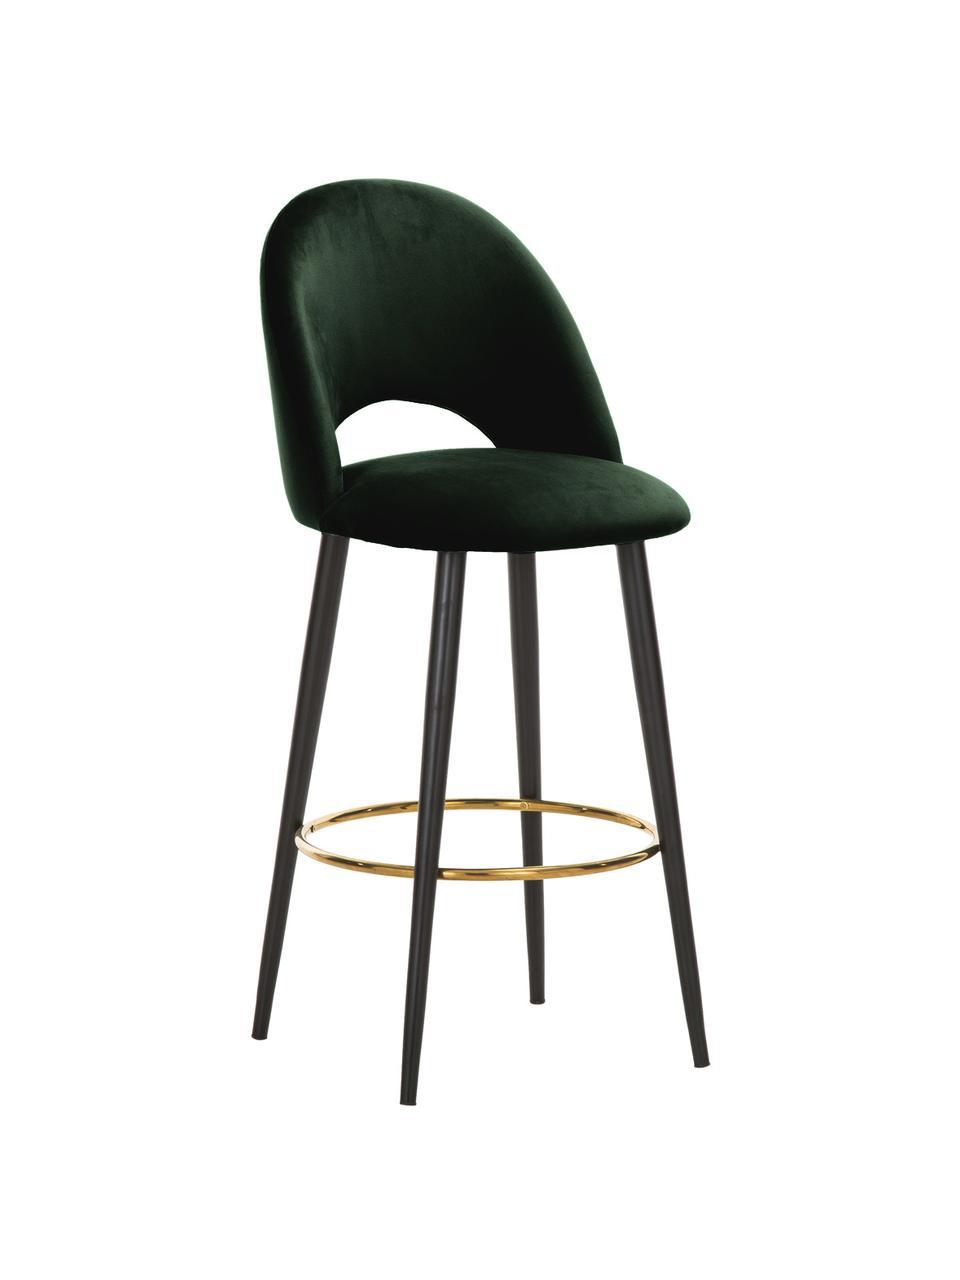 Sedia da bar in velluto verde scuro Rachel, Rivestimento: velluto (poliestere) 50.0, Gambe: metallo verniciato a polv, Velluto verde scuro, Larg. 48 x Alt. 110 cm